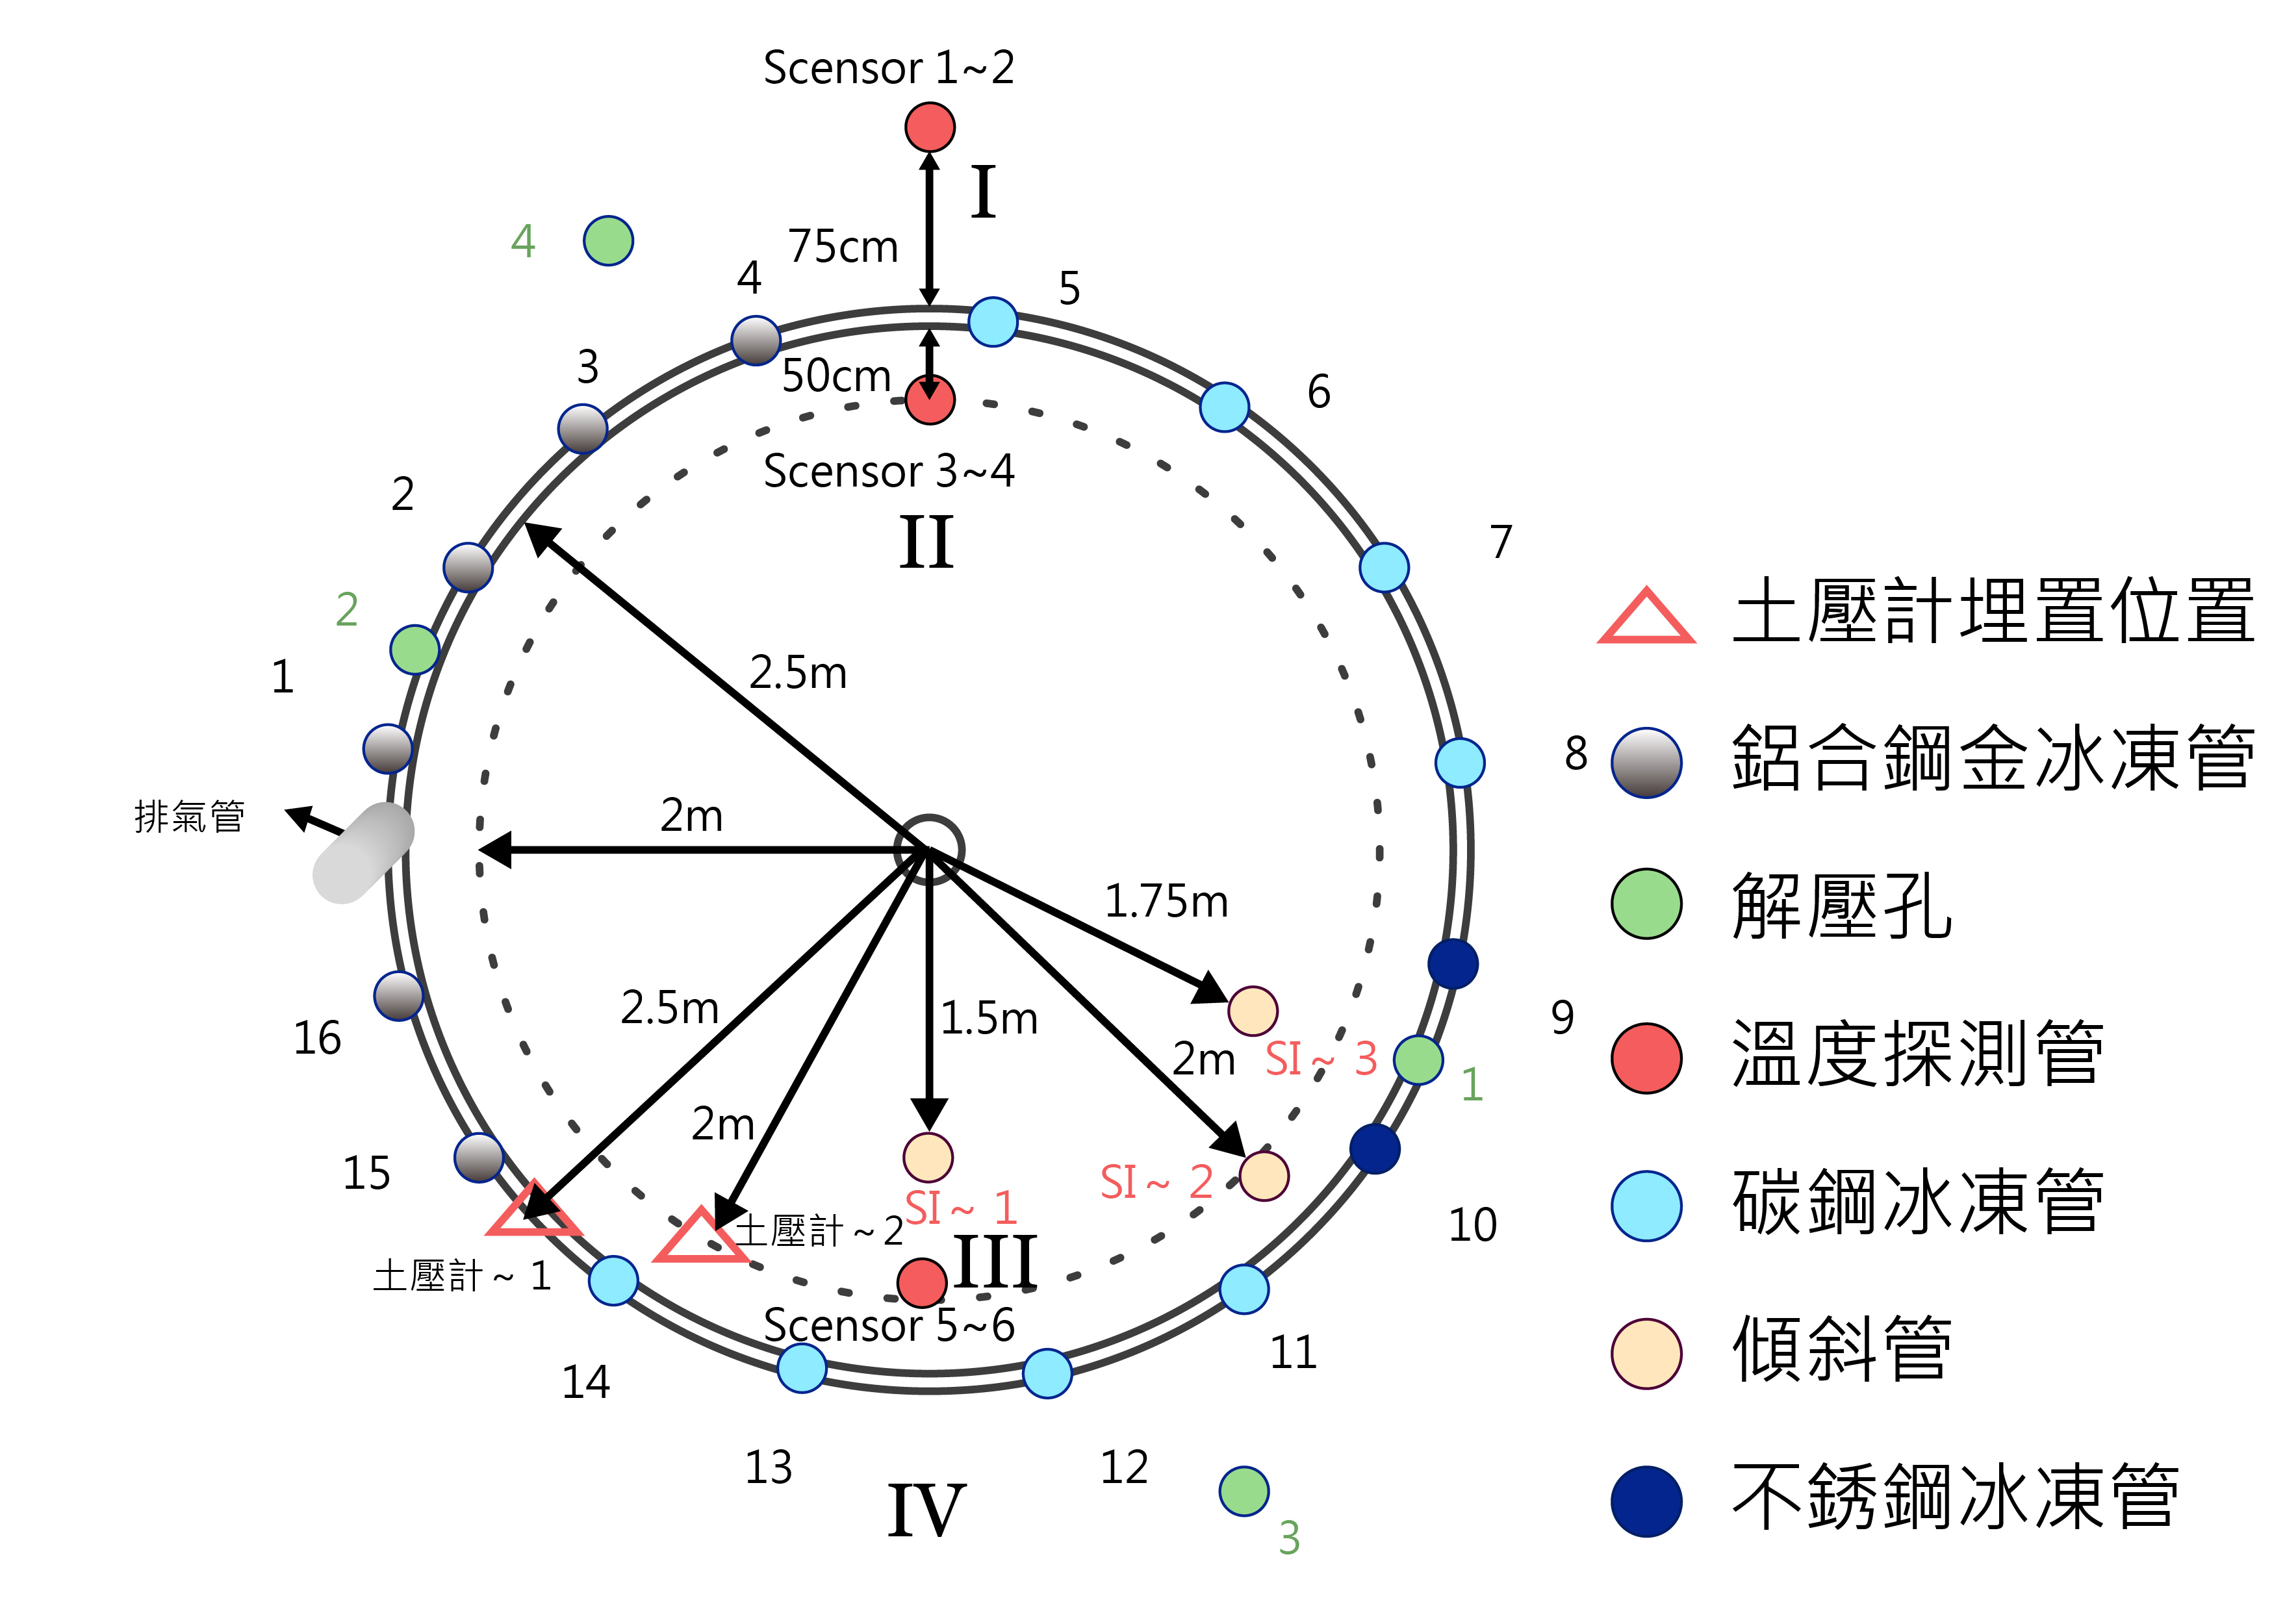 陳洋元設計的土壤冷凍實驗配置圖。圖│研之有物(資料來源│陳洋元提供)